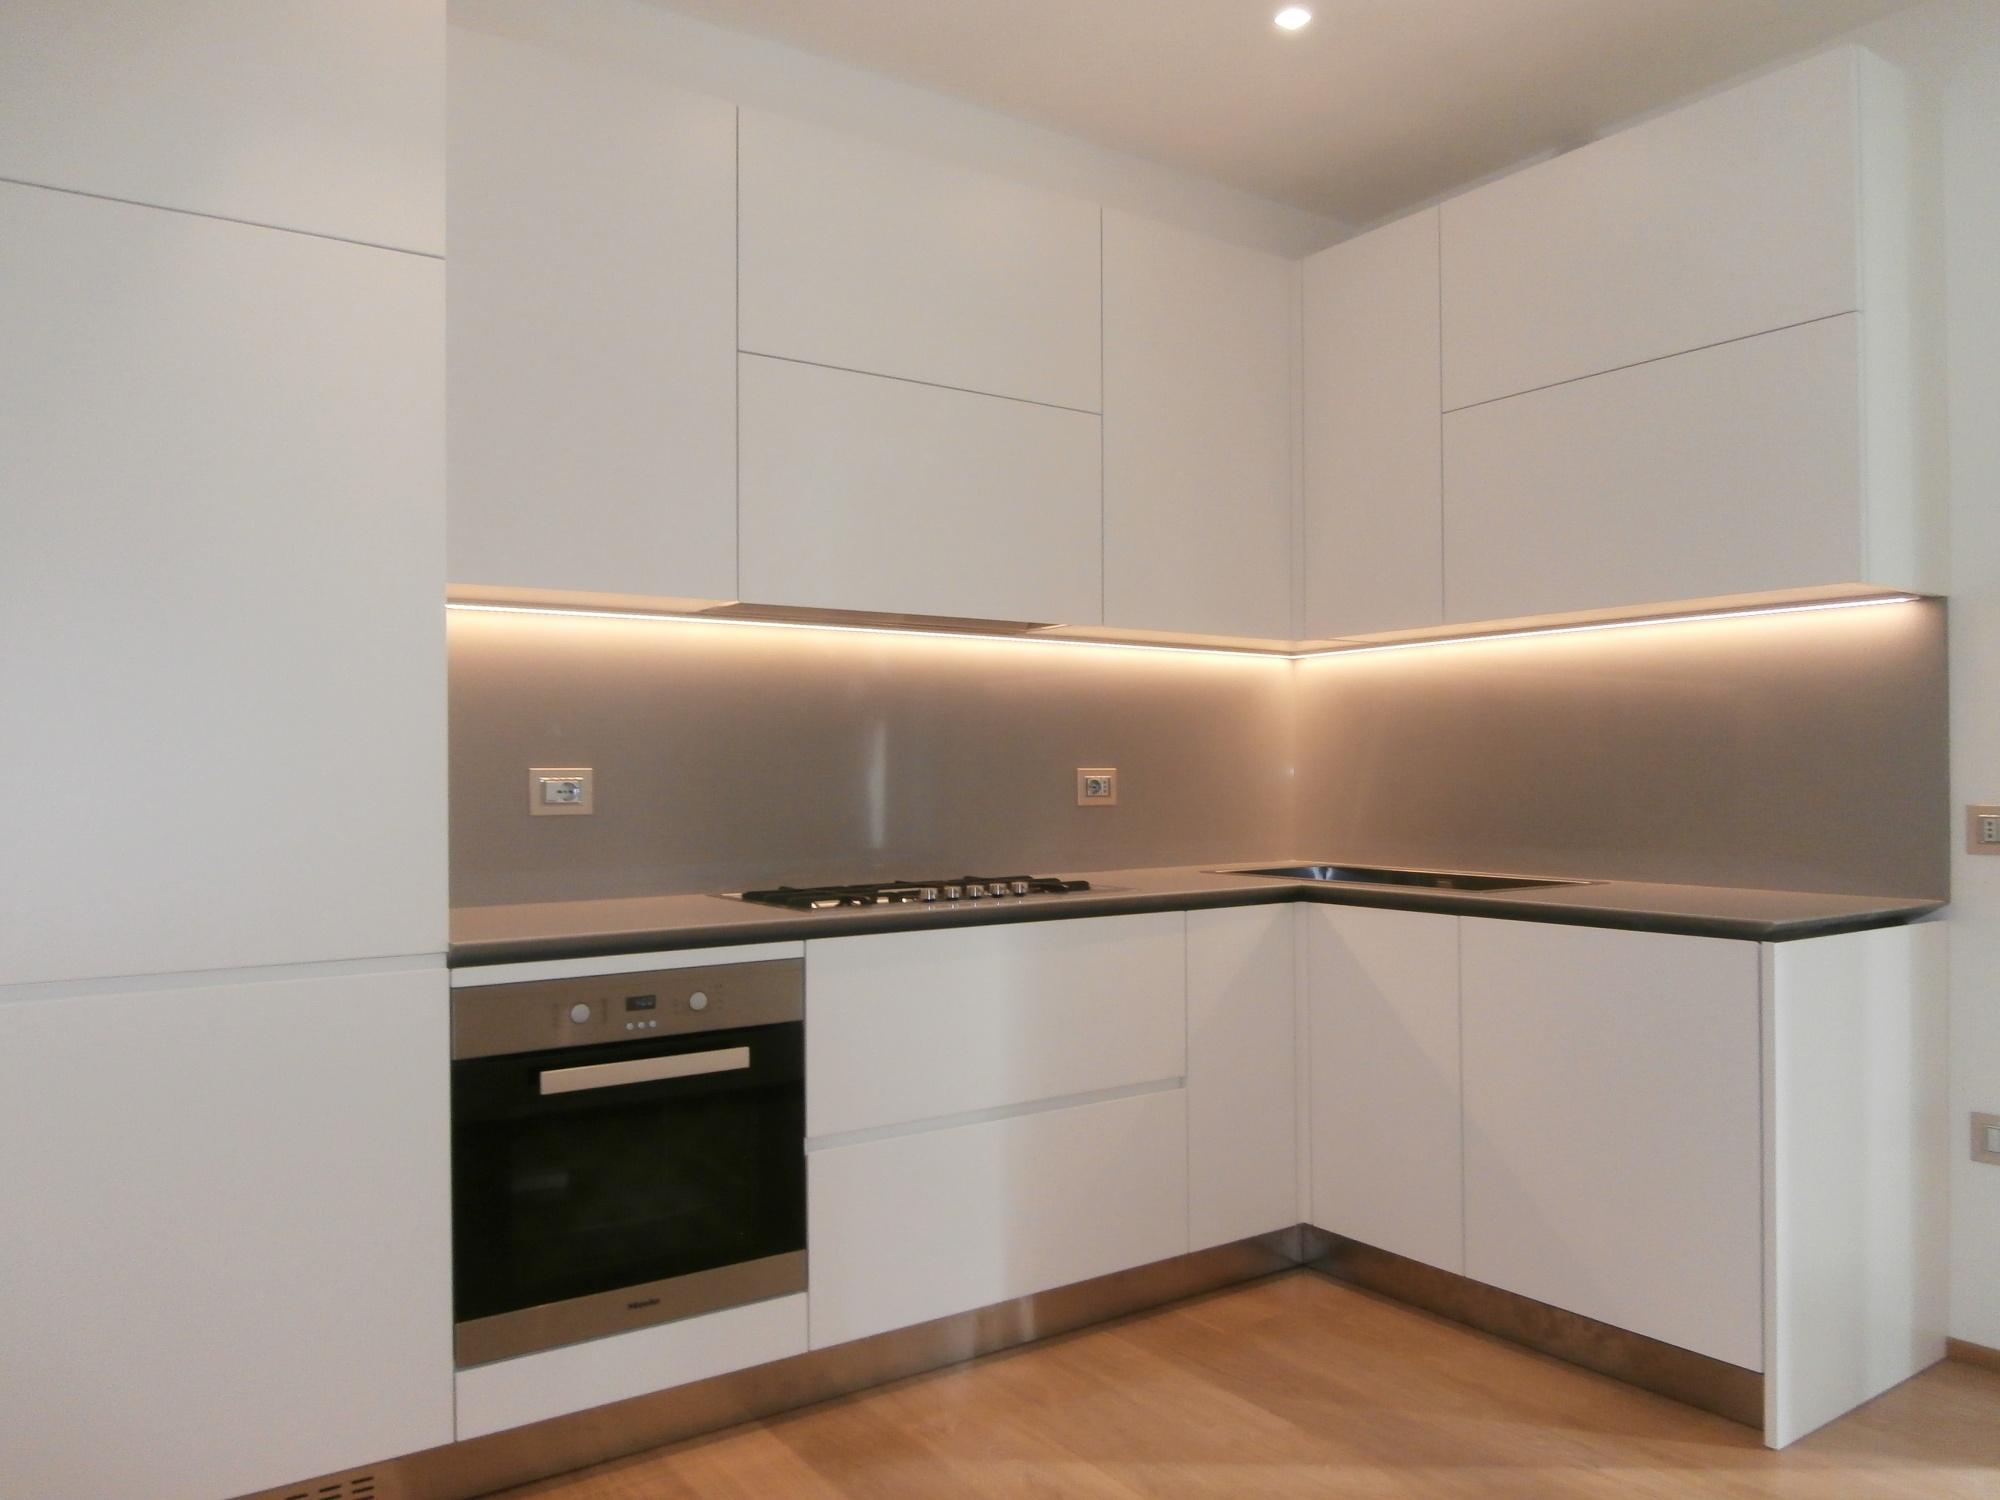 Cucina moderna laccata opaca avorio a rimini - Top cucina moderna ...